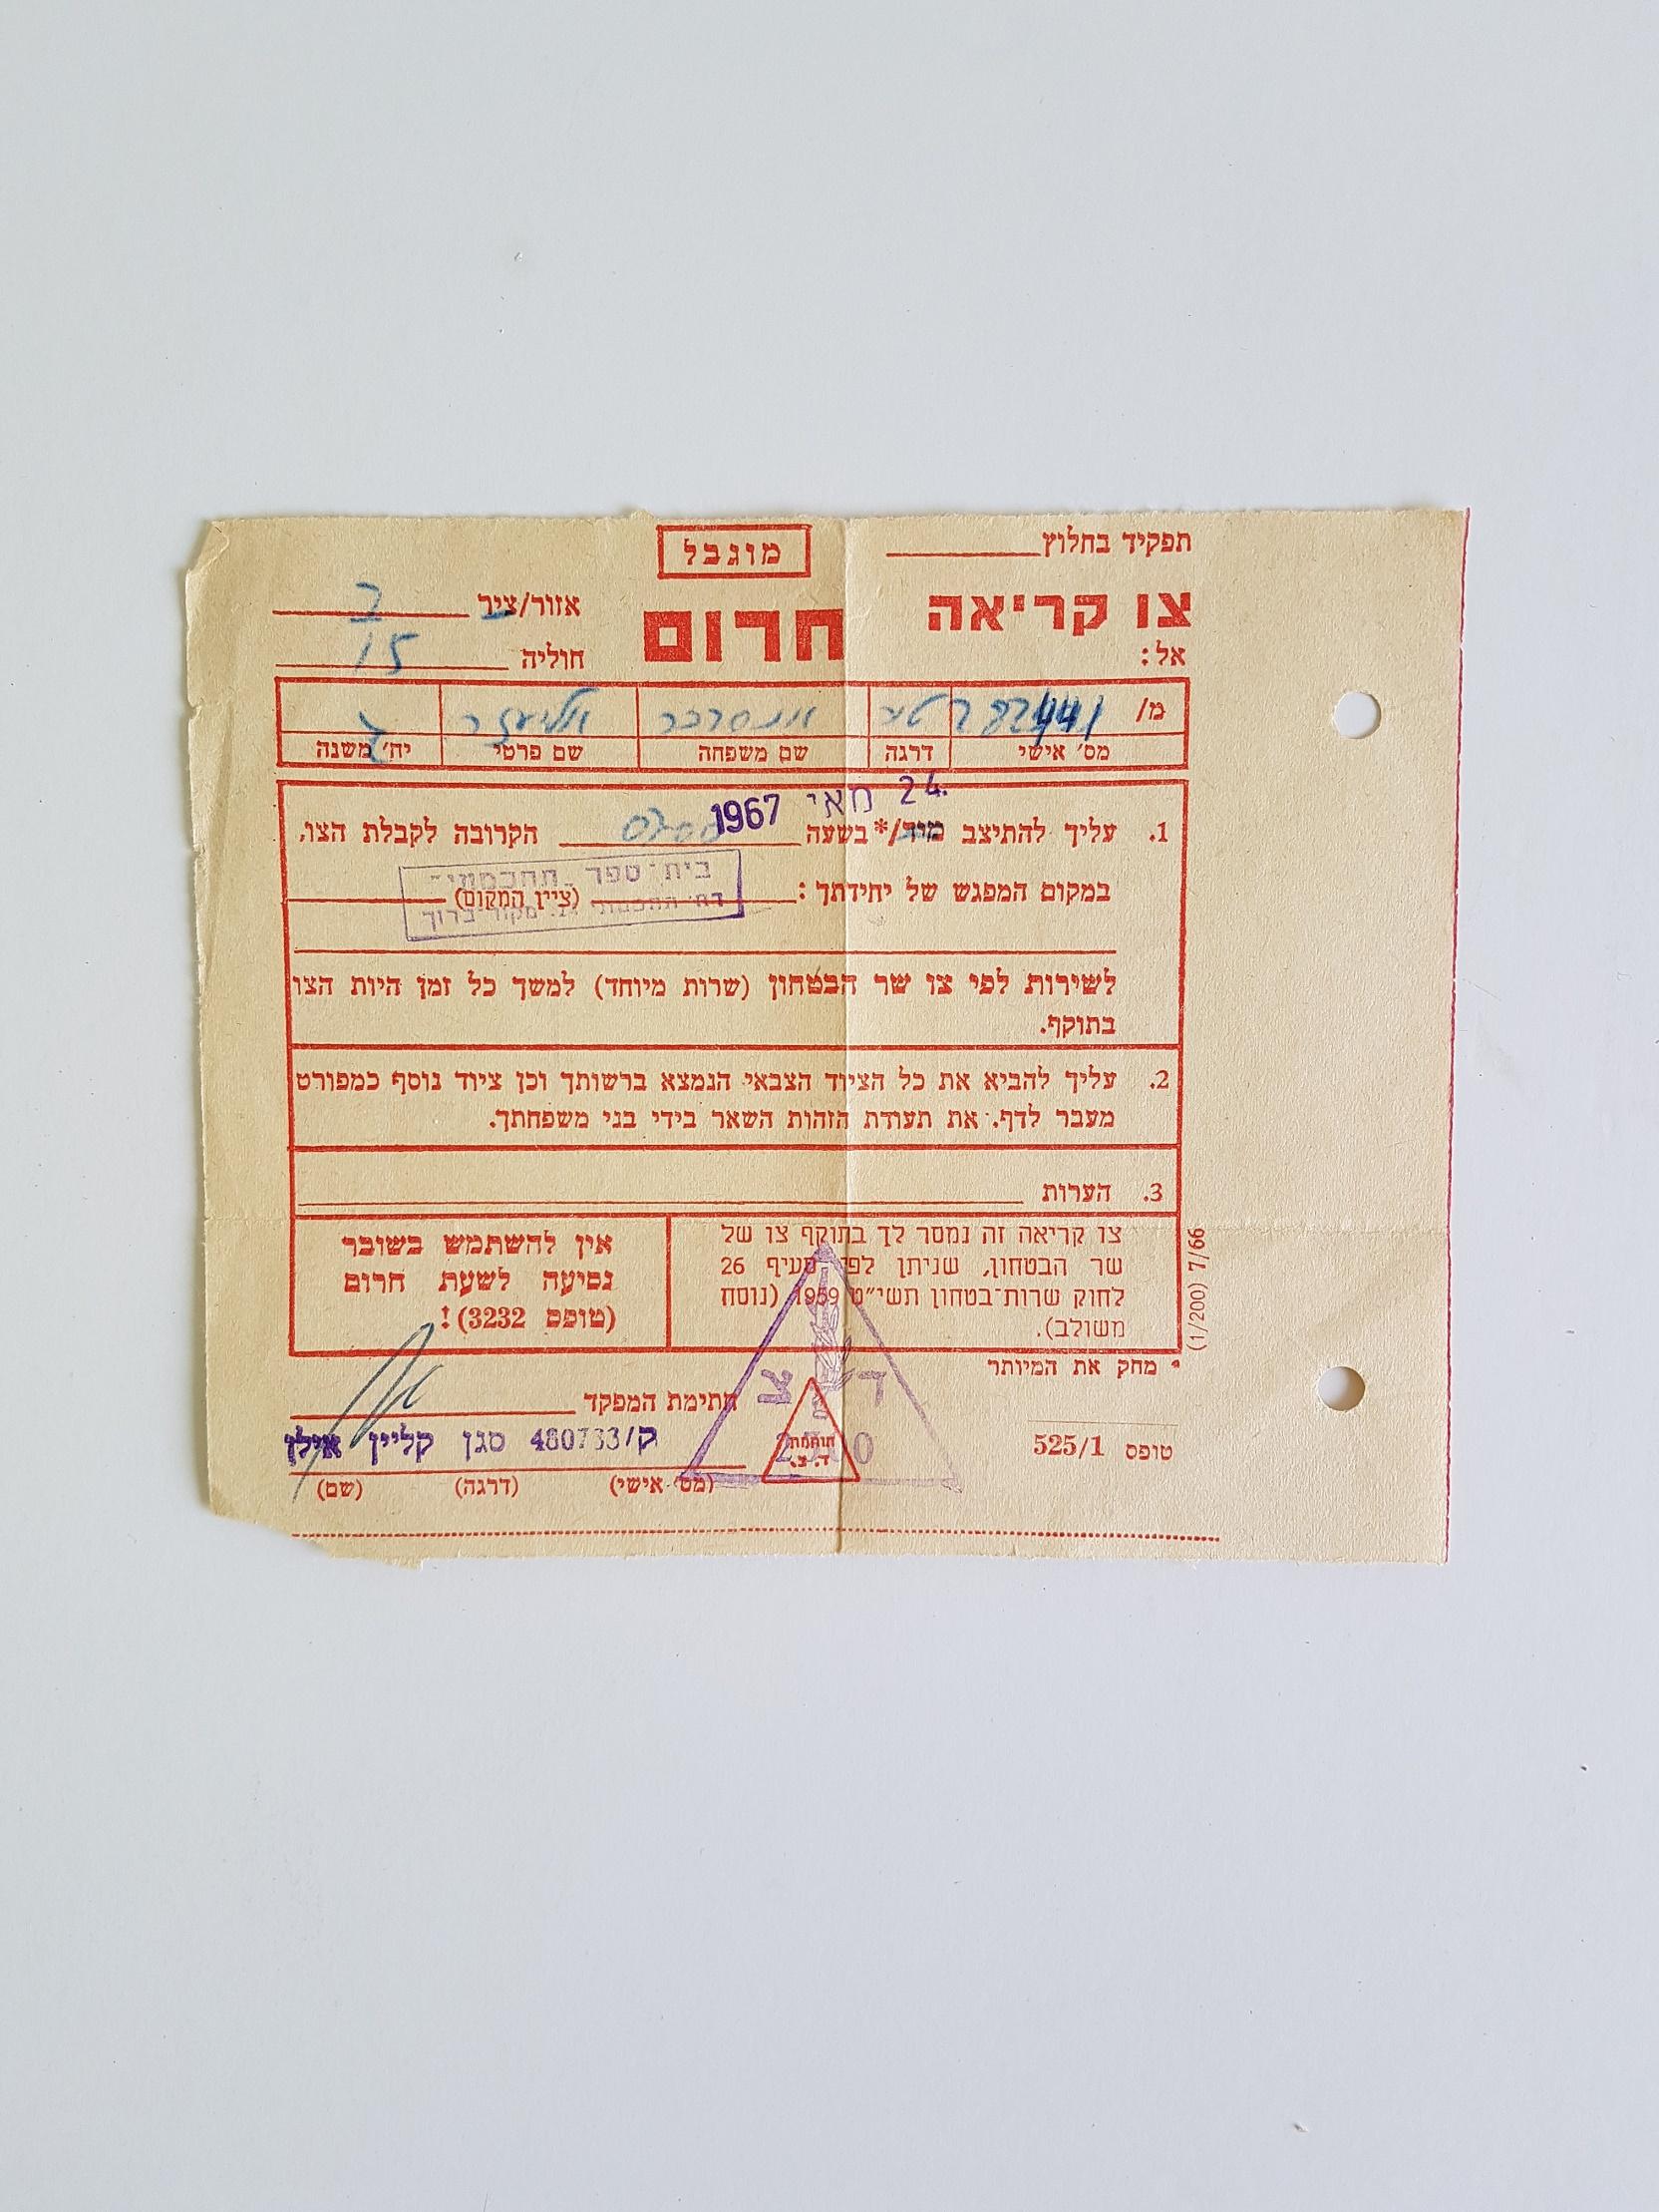 לגעת ברגע – סמלים מעצבים זיכרון תערוכה חדשה ברובע היהודי בירושלים